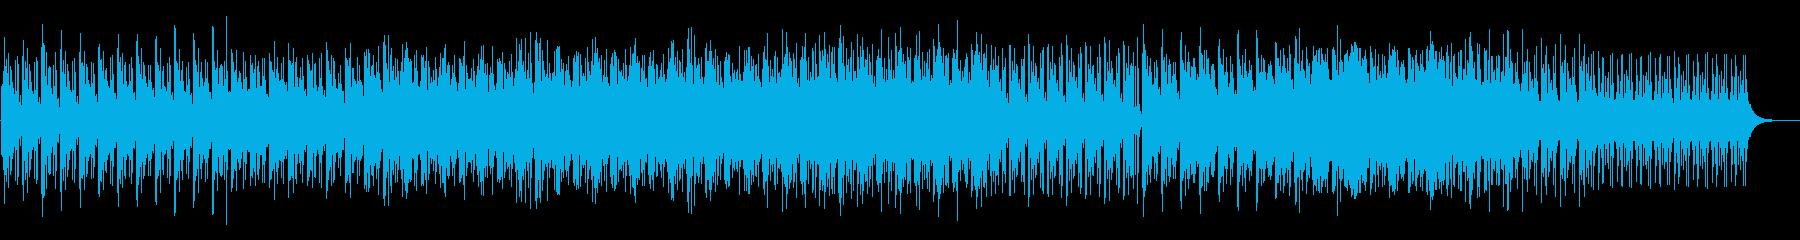 ファンタジックなシンセのアンビエントの再生済みの波形